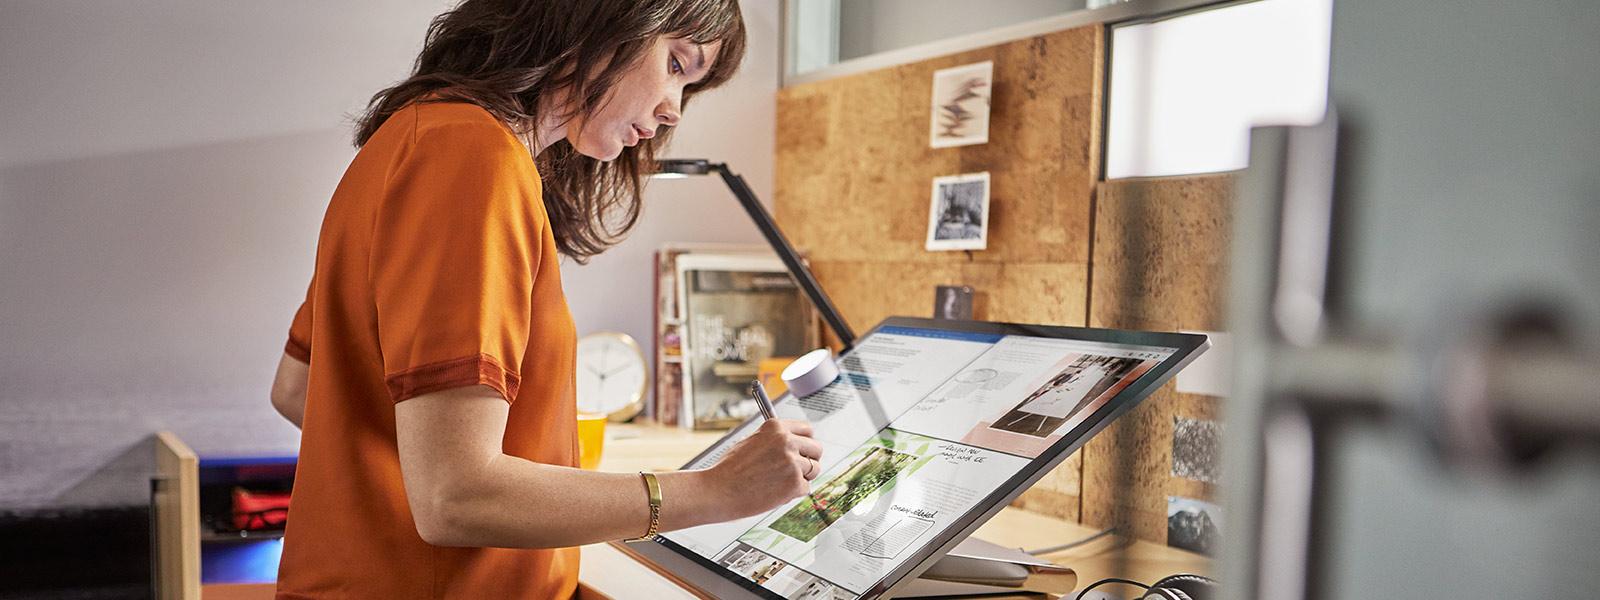 Vrouw die pen gebruikt op Surface Studio.